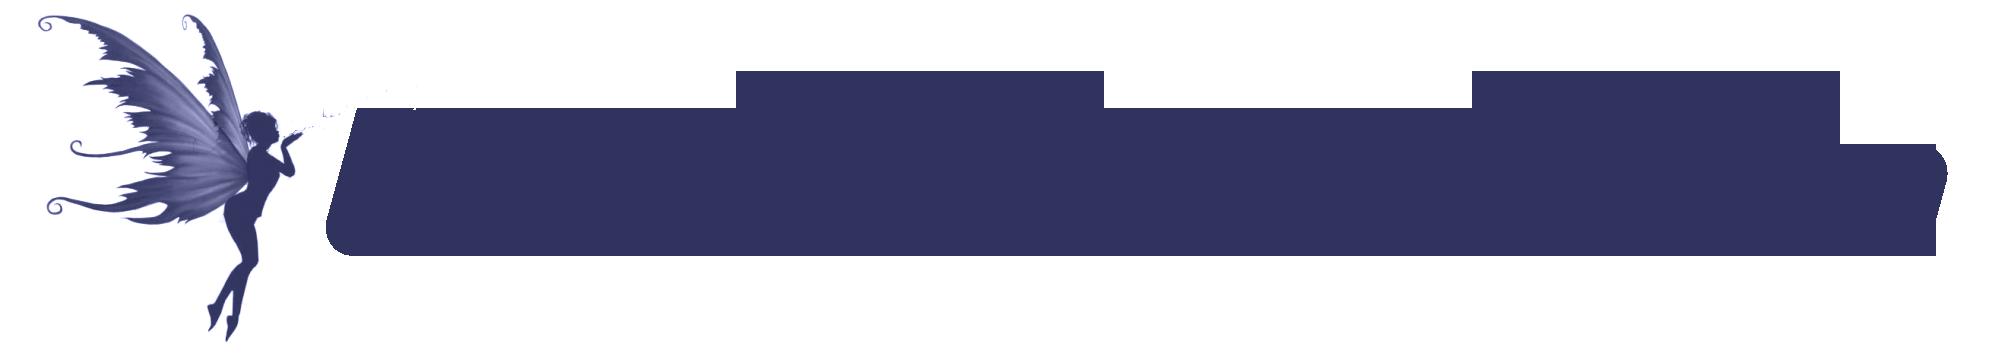 Lumilandia